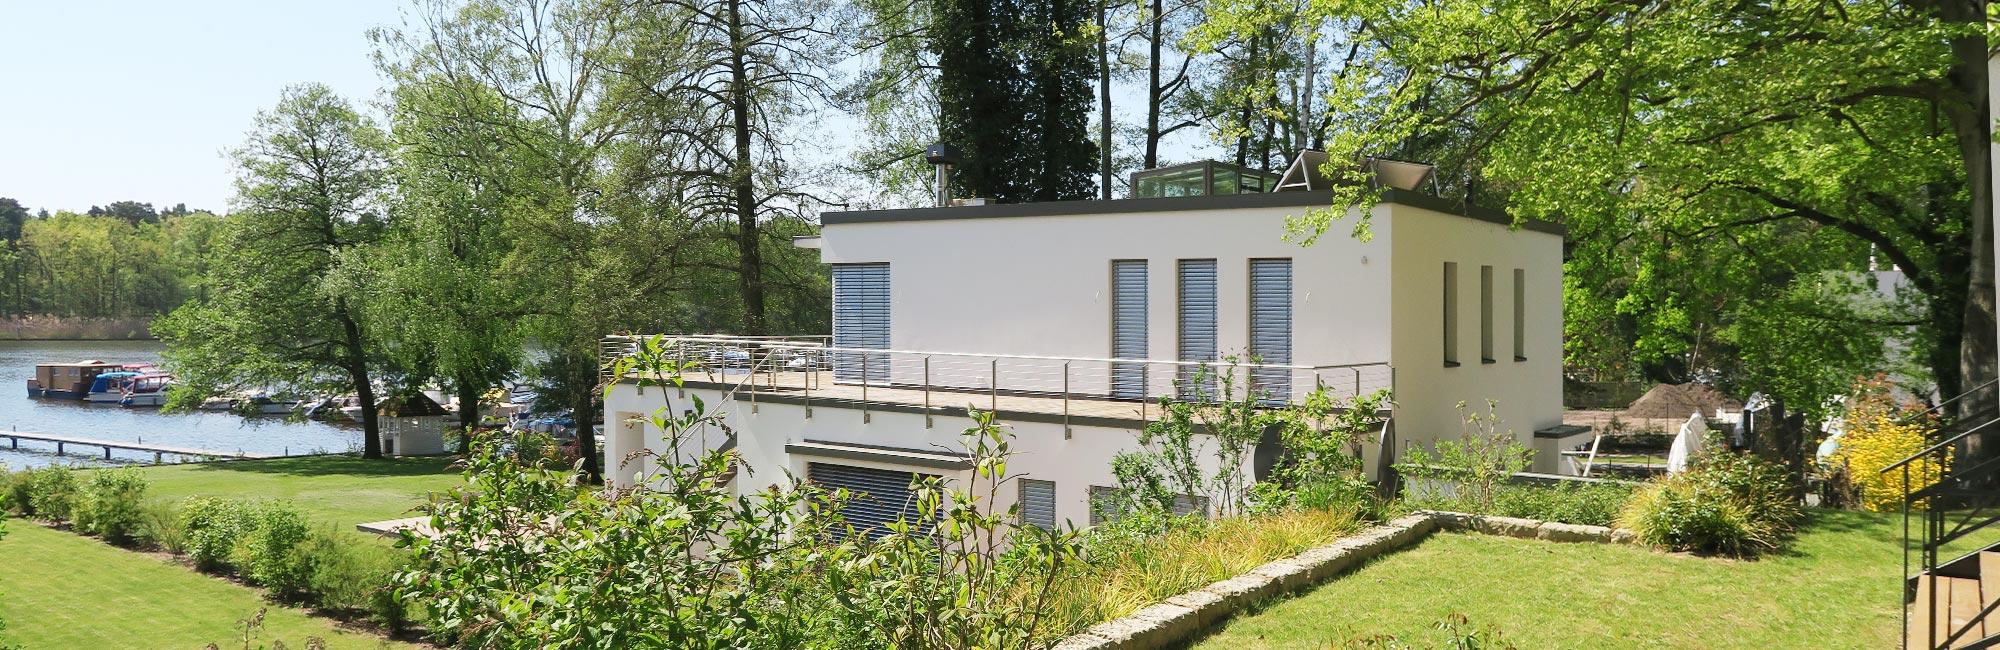 Architekturbüro Heinrich Wohnbau